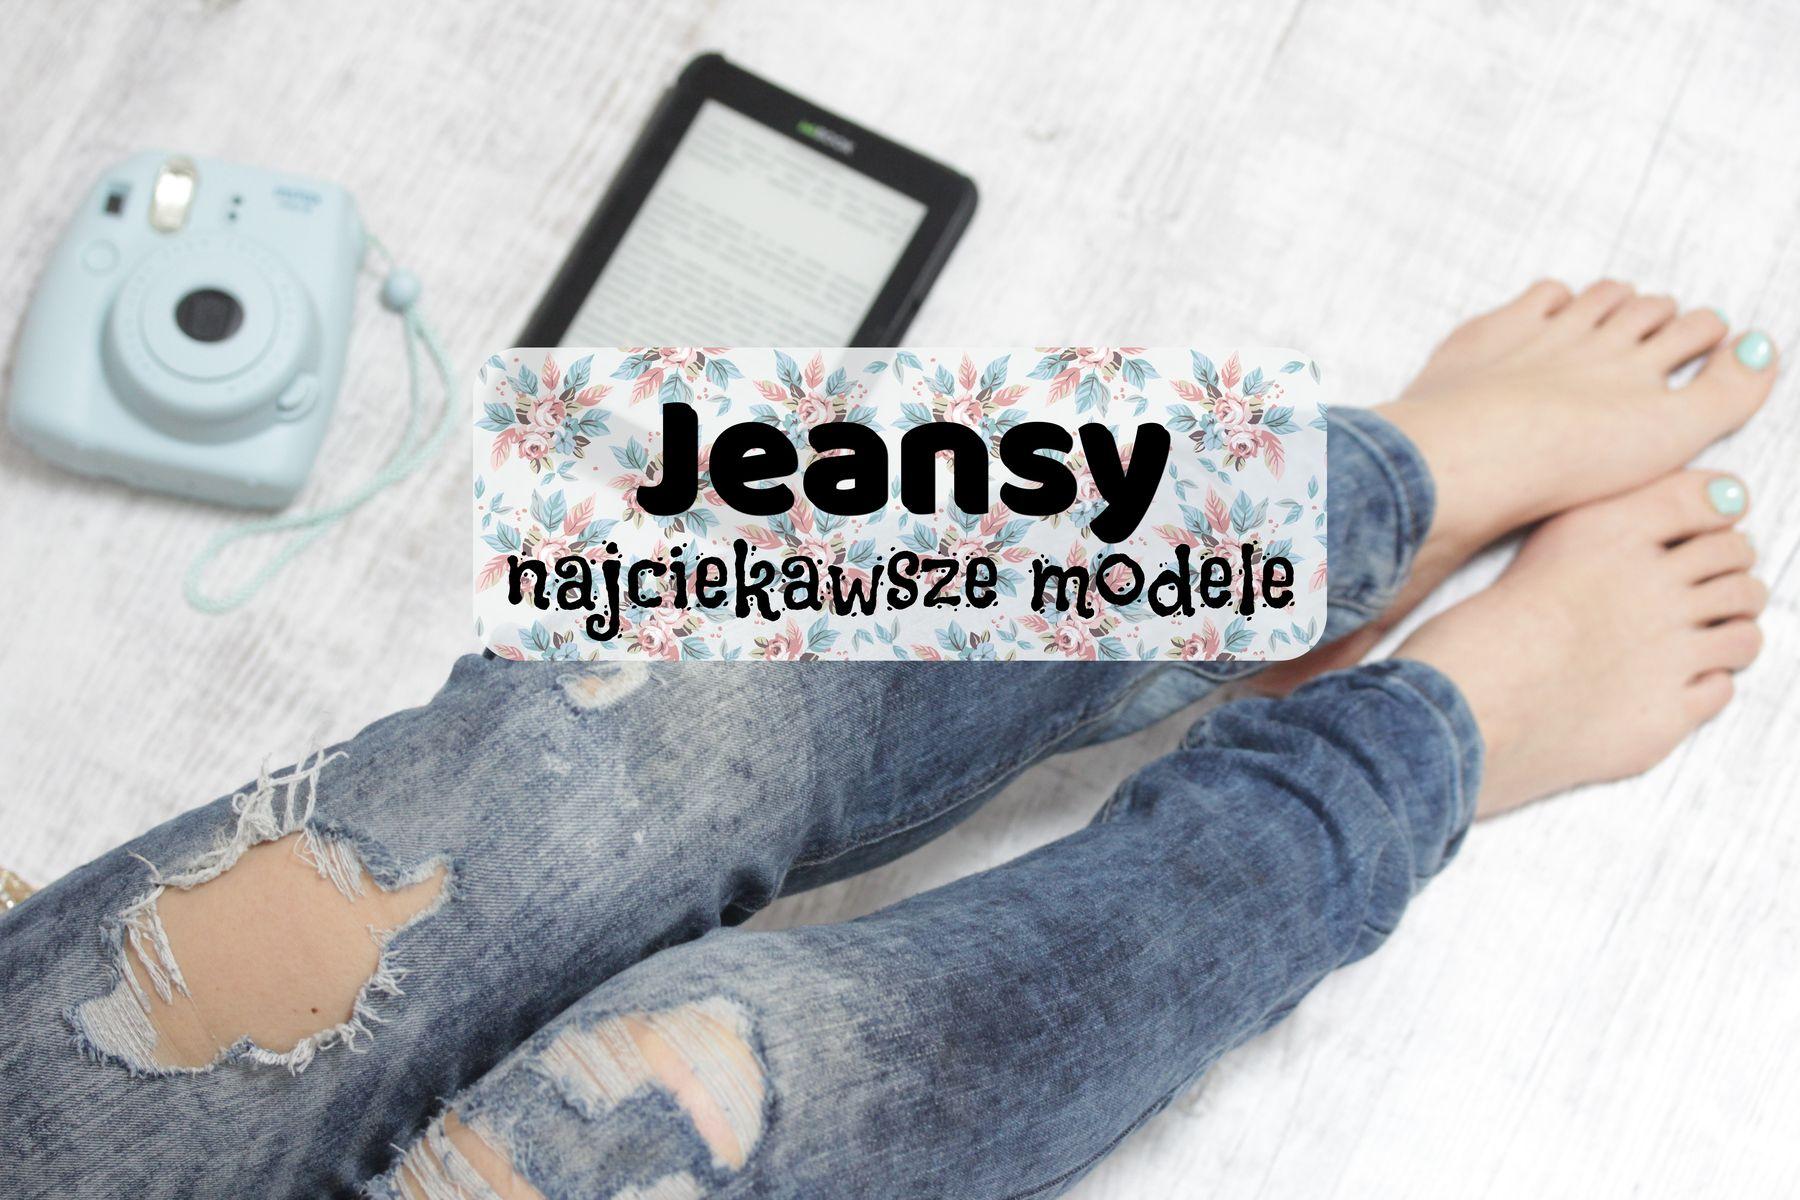 Jeansy najciekawsze modele